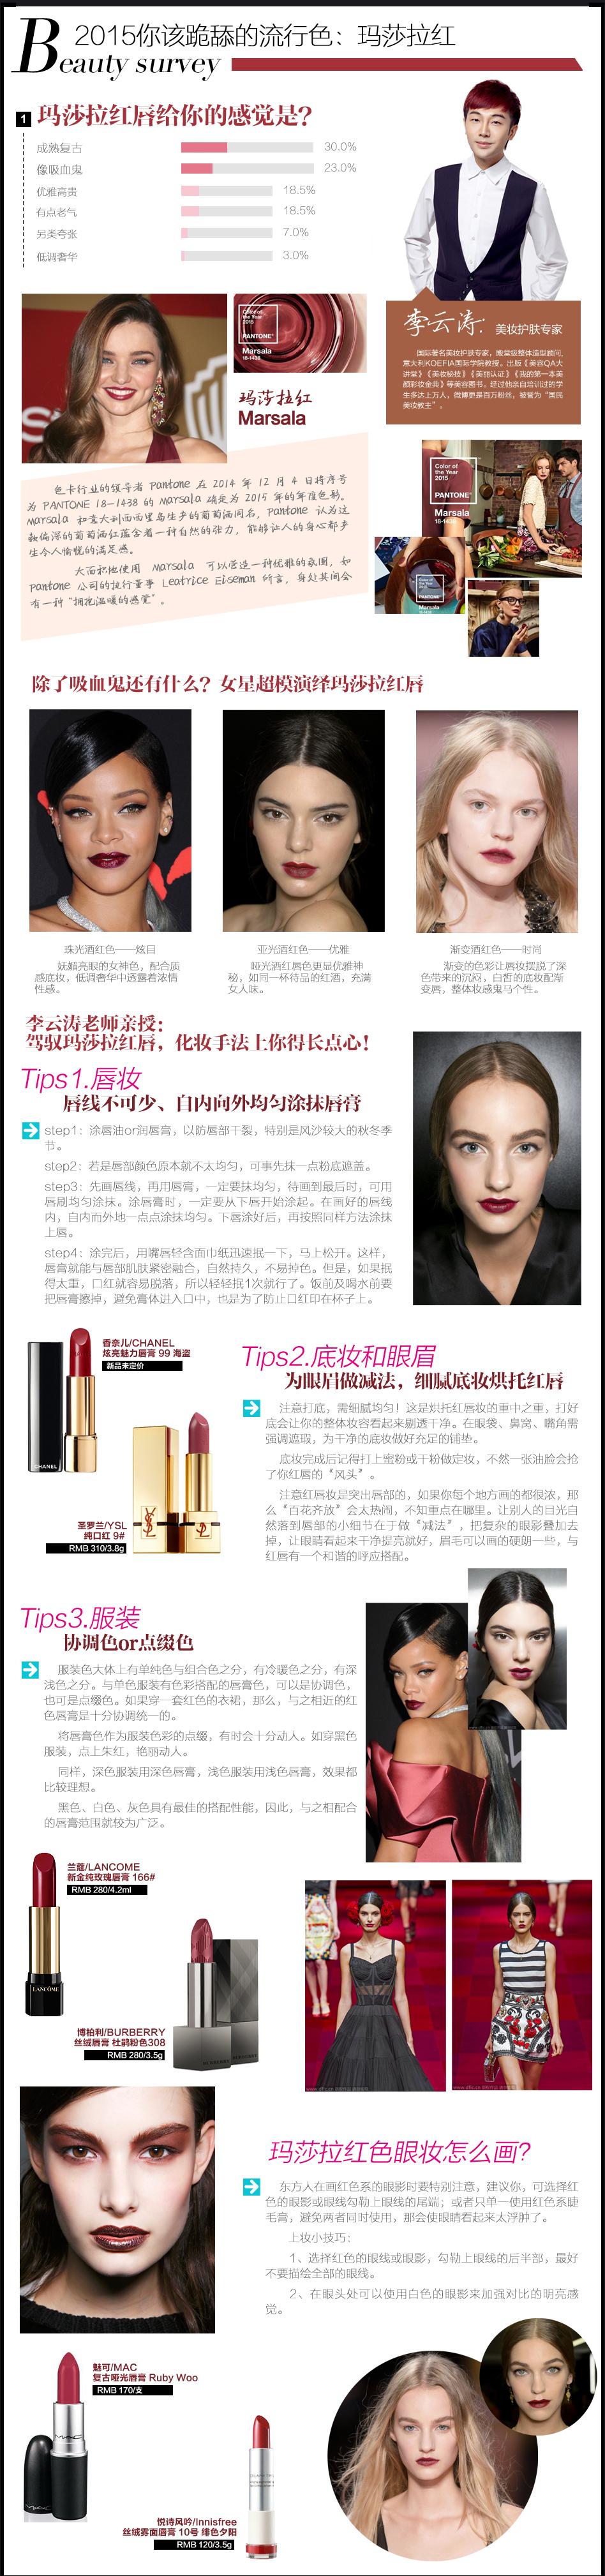 肌密大调查:不仅仅是吸血鬼 玛莎拉红唇的正确打开方式_新浪时尚_新浪网